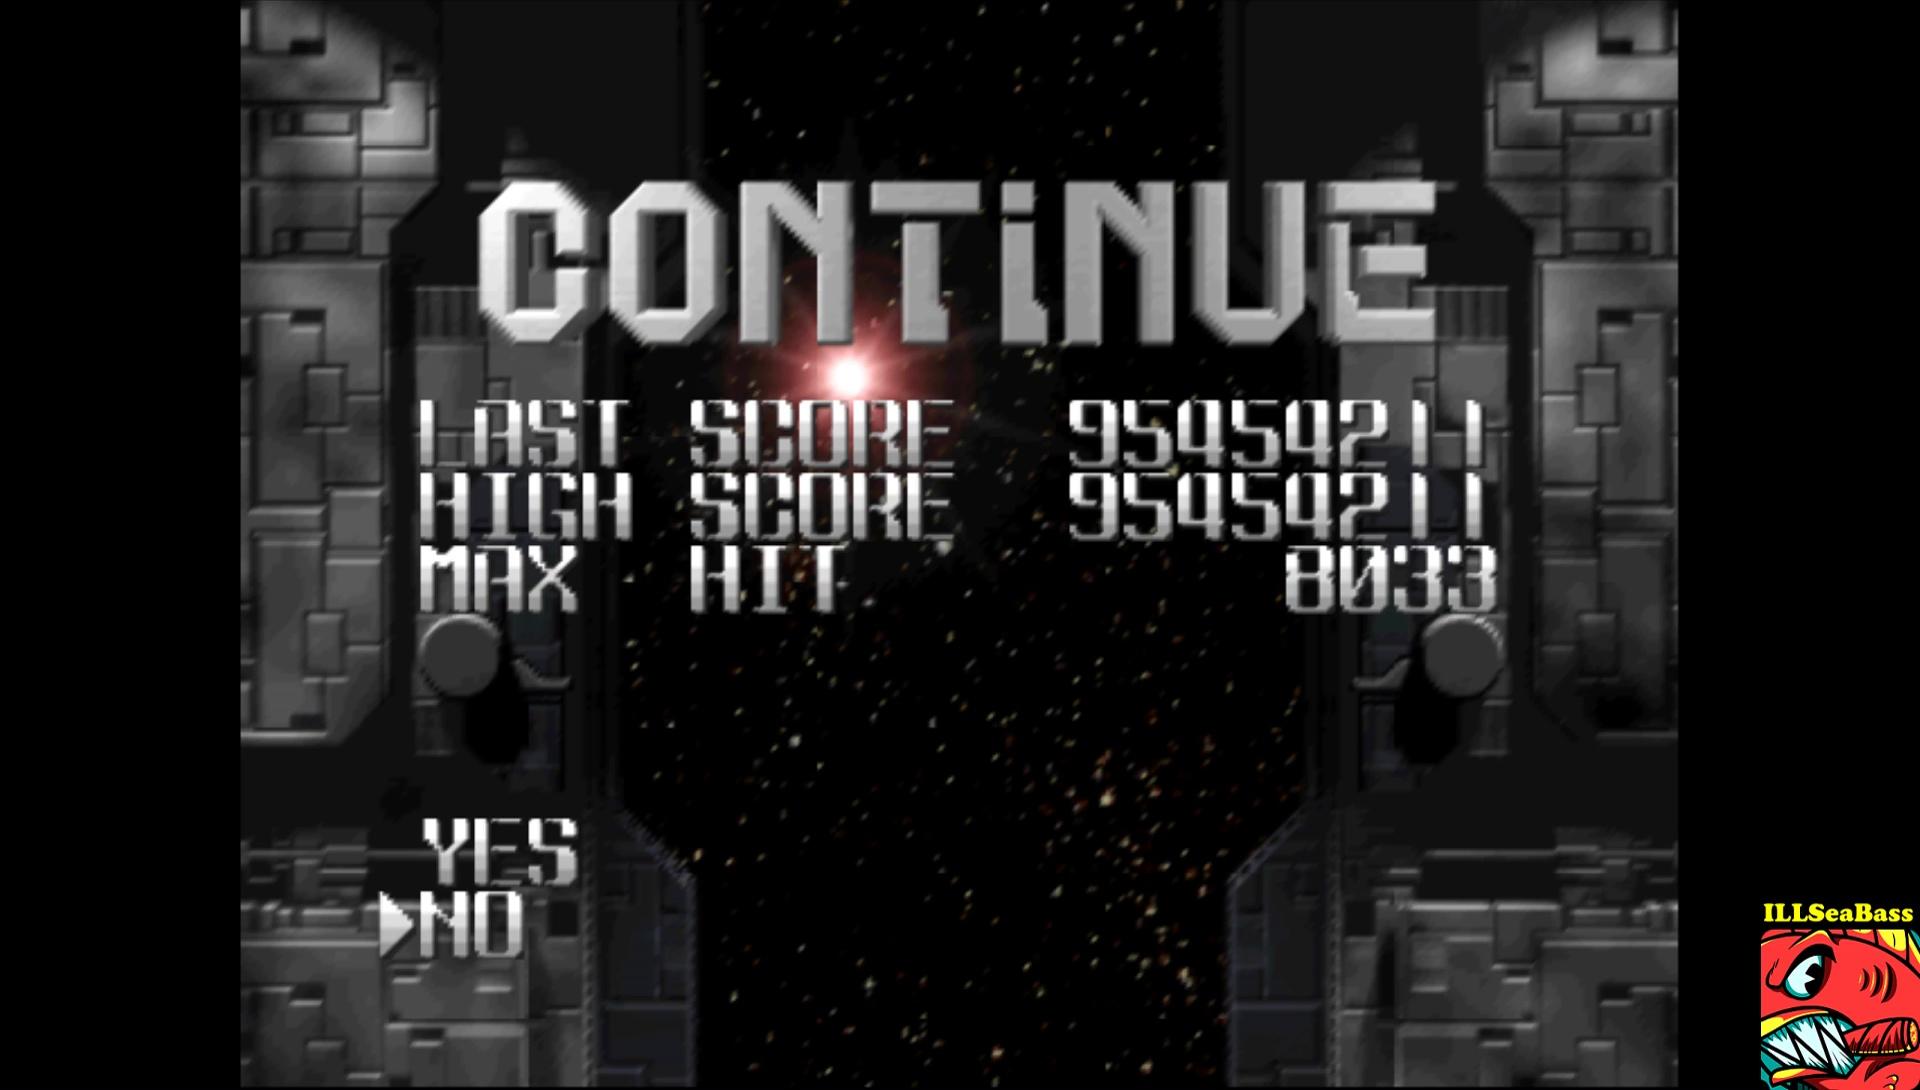 ILLSeaBass: Star Soldier Vanishing Earth: Normal Mode [Regular] (N64 Emulated) 95,454,211 points on 2017-06-11 22:25:17